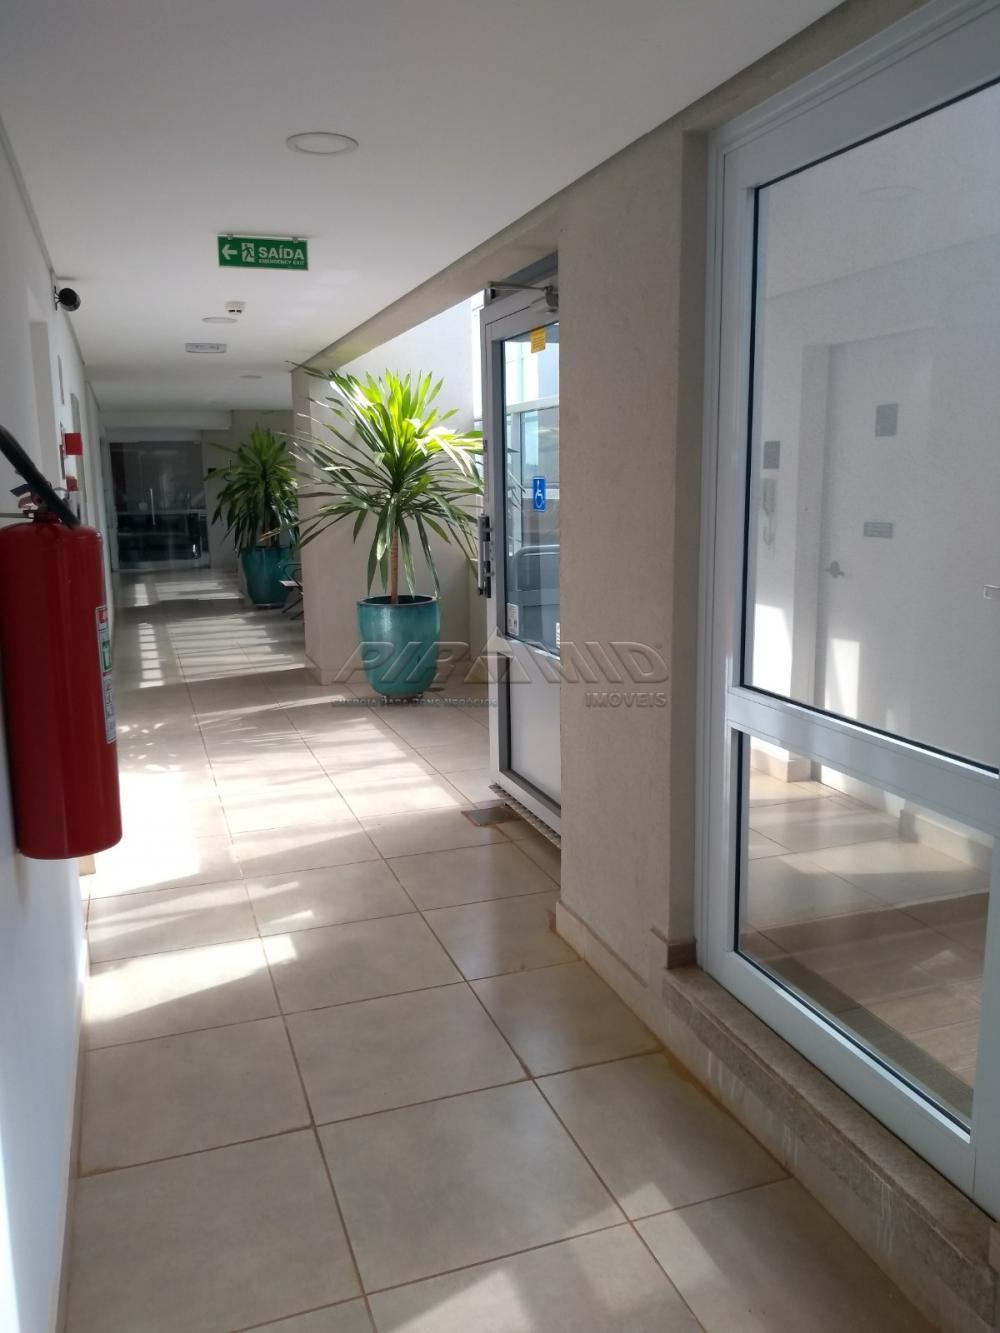 Alugar Apartamento / Padrão em Ribeirão Preto R$ 1.700,00 - Foto 50